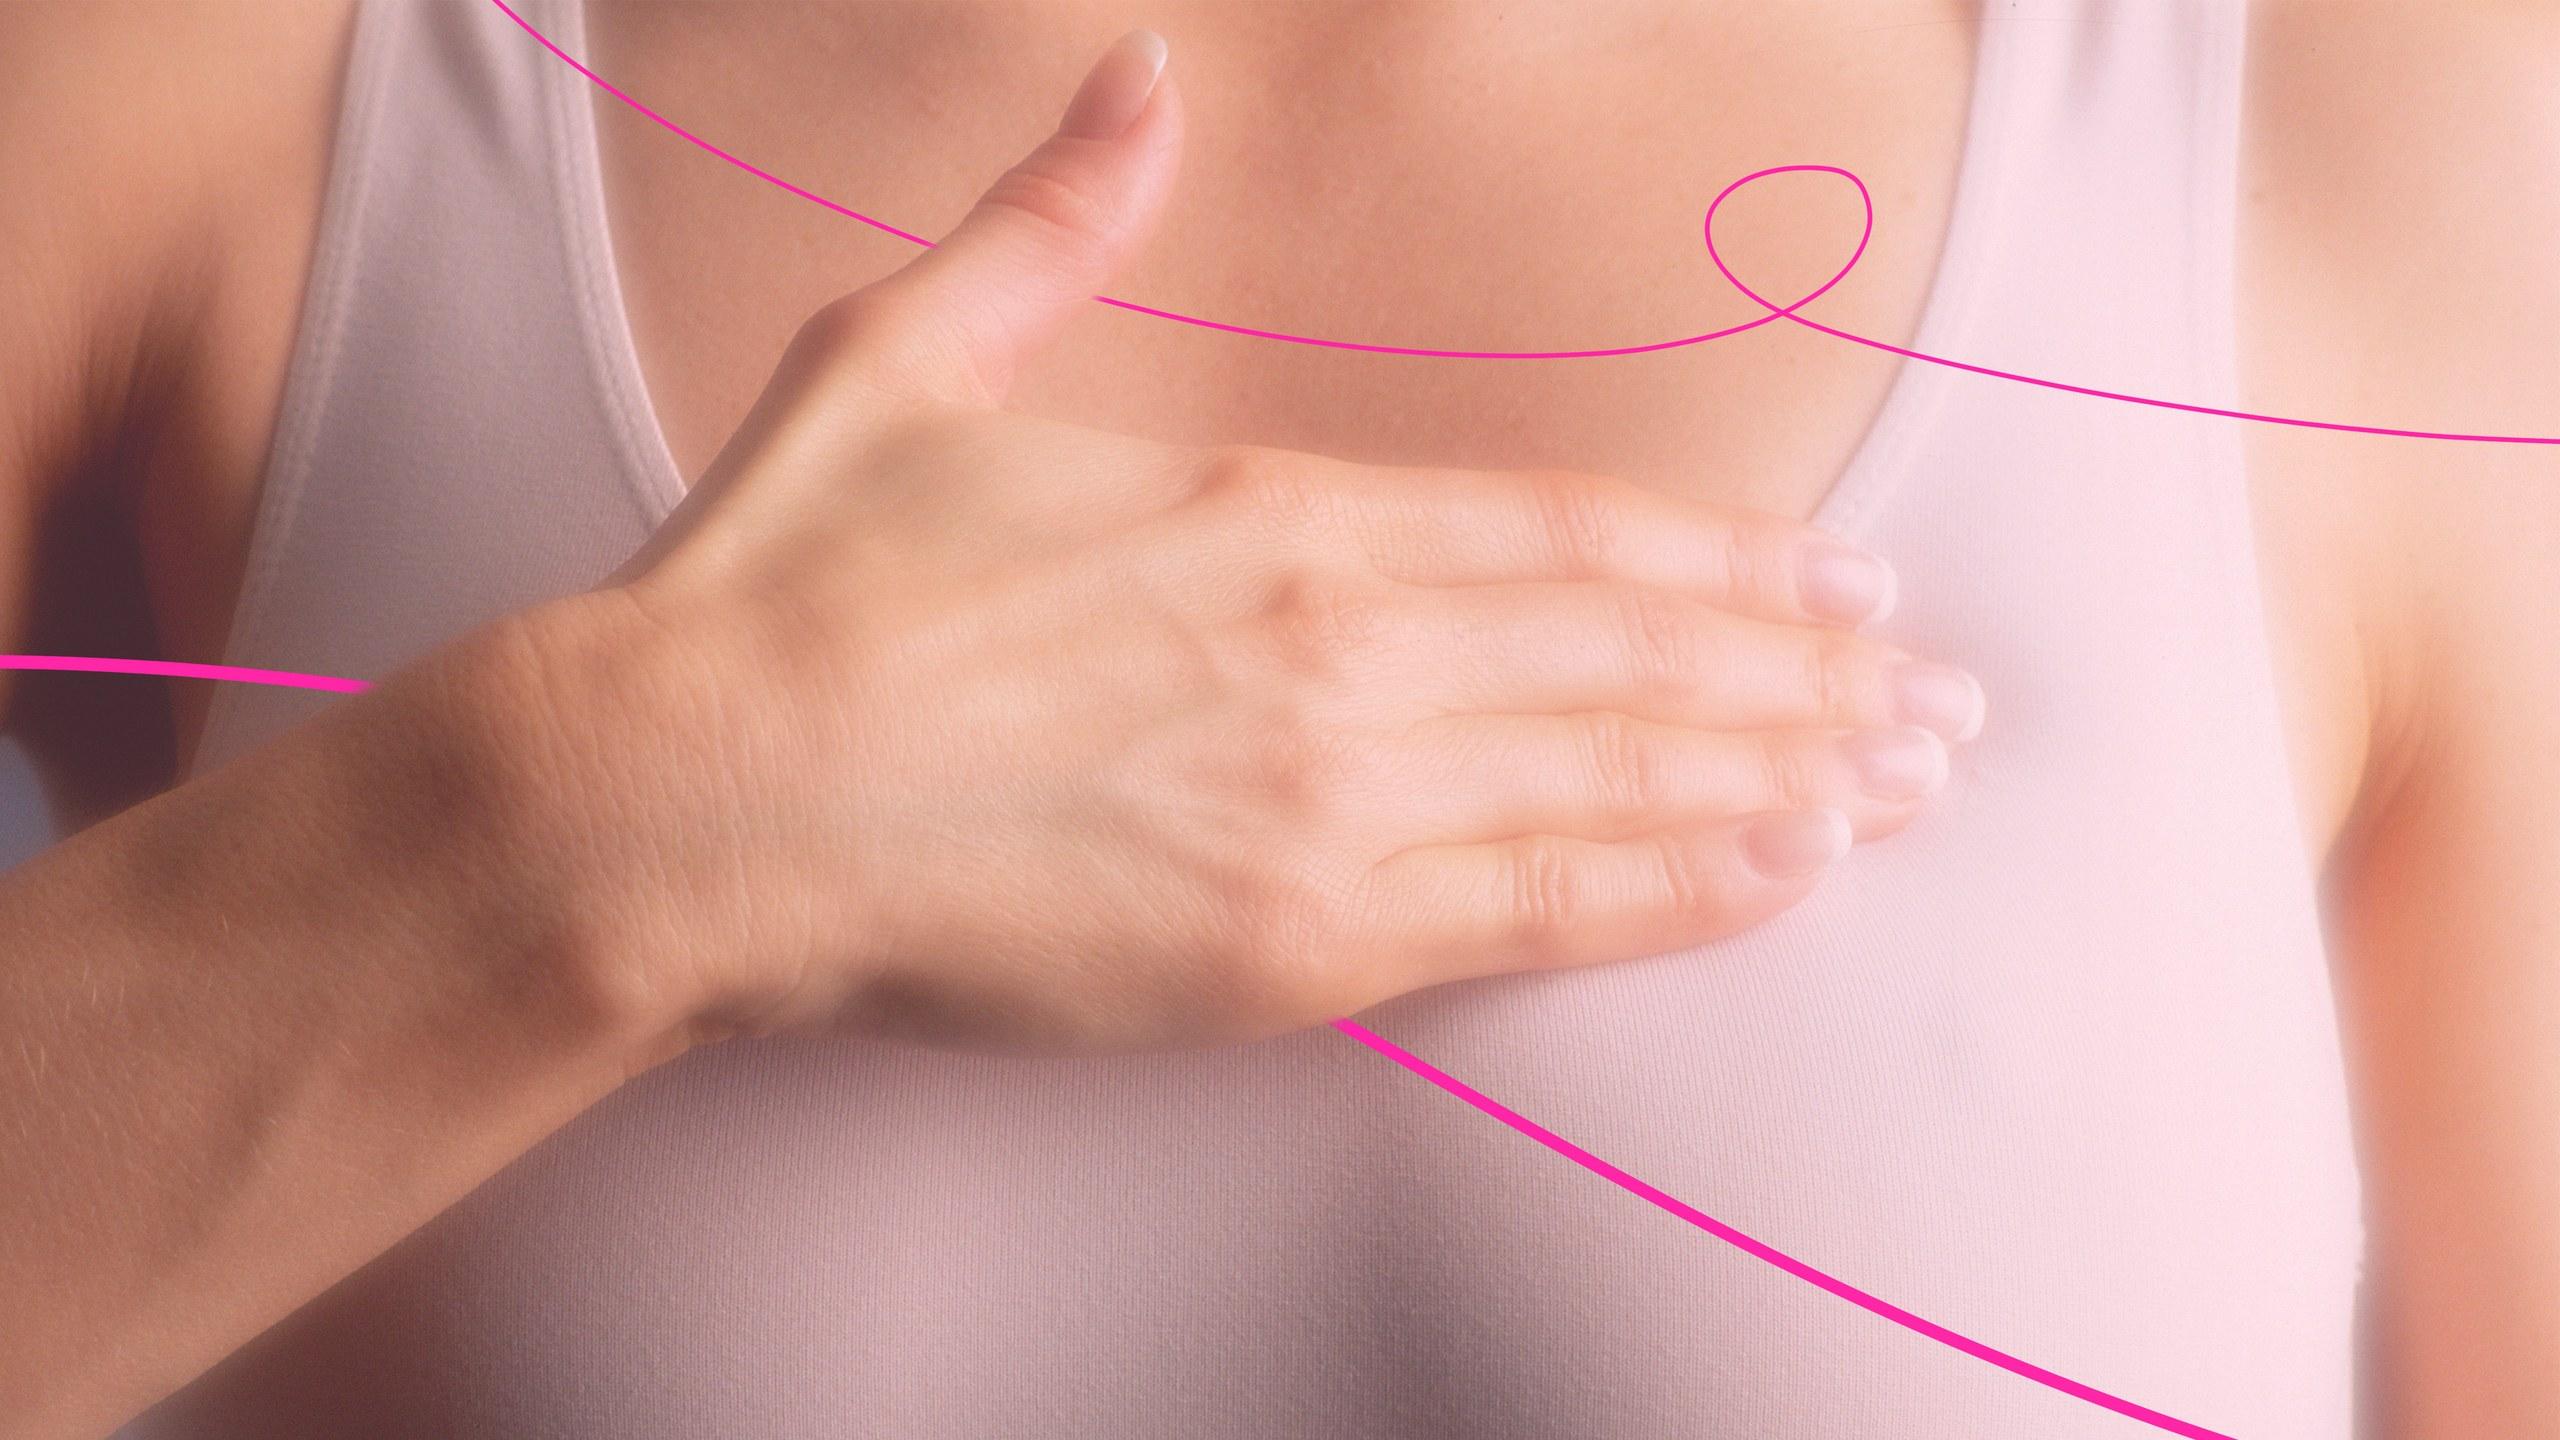 هل ألم اليد من أعراض سرطان الثدي